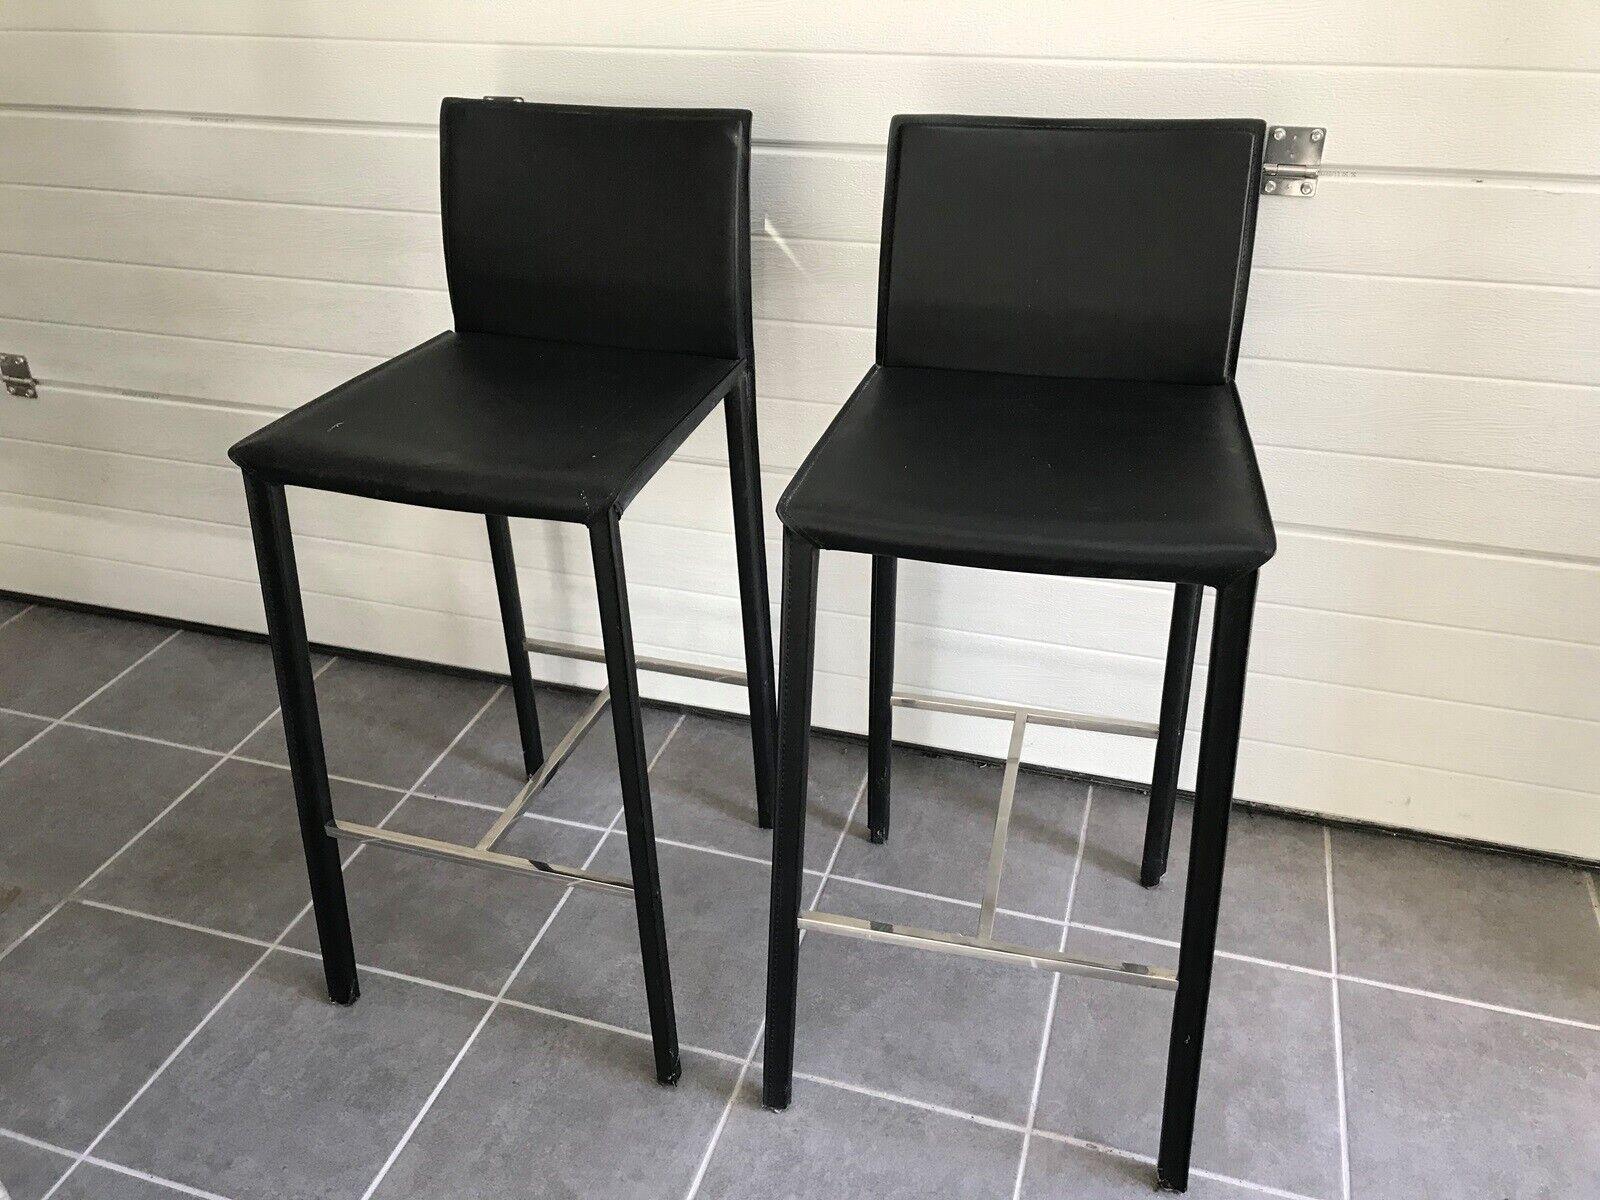 Barstol, BoConcept – dba.dk – Køb og Salg af Nyt og Brugt